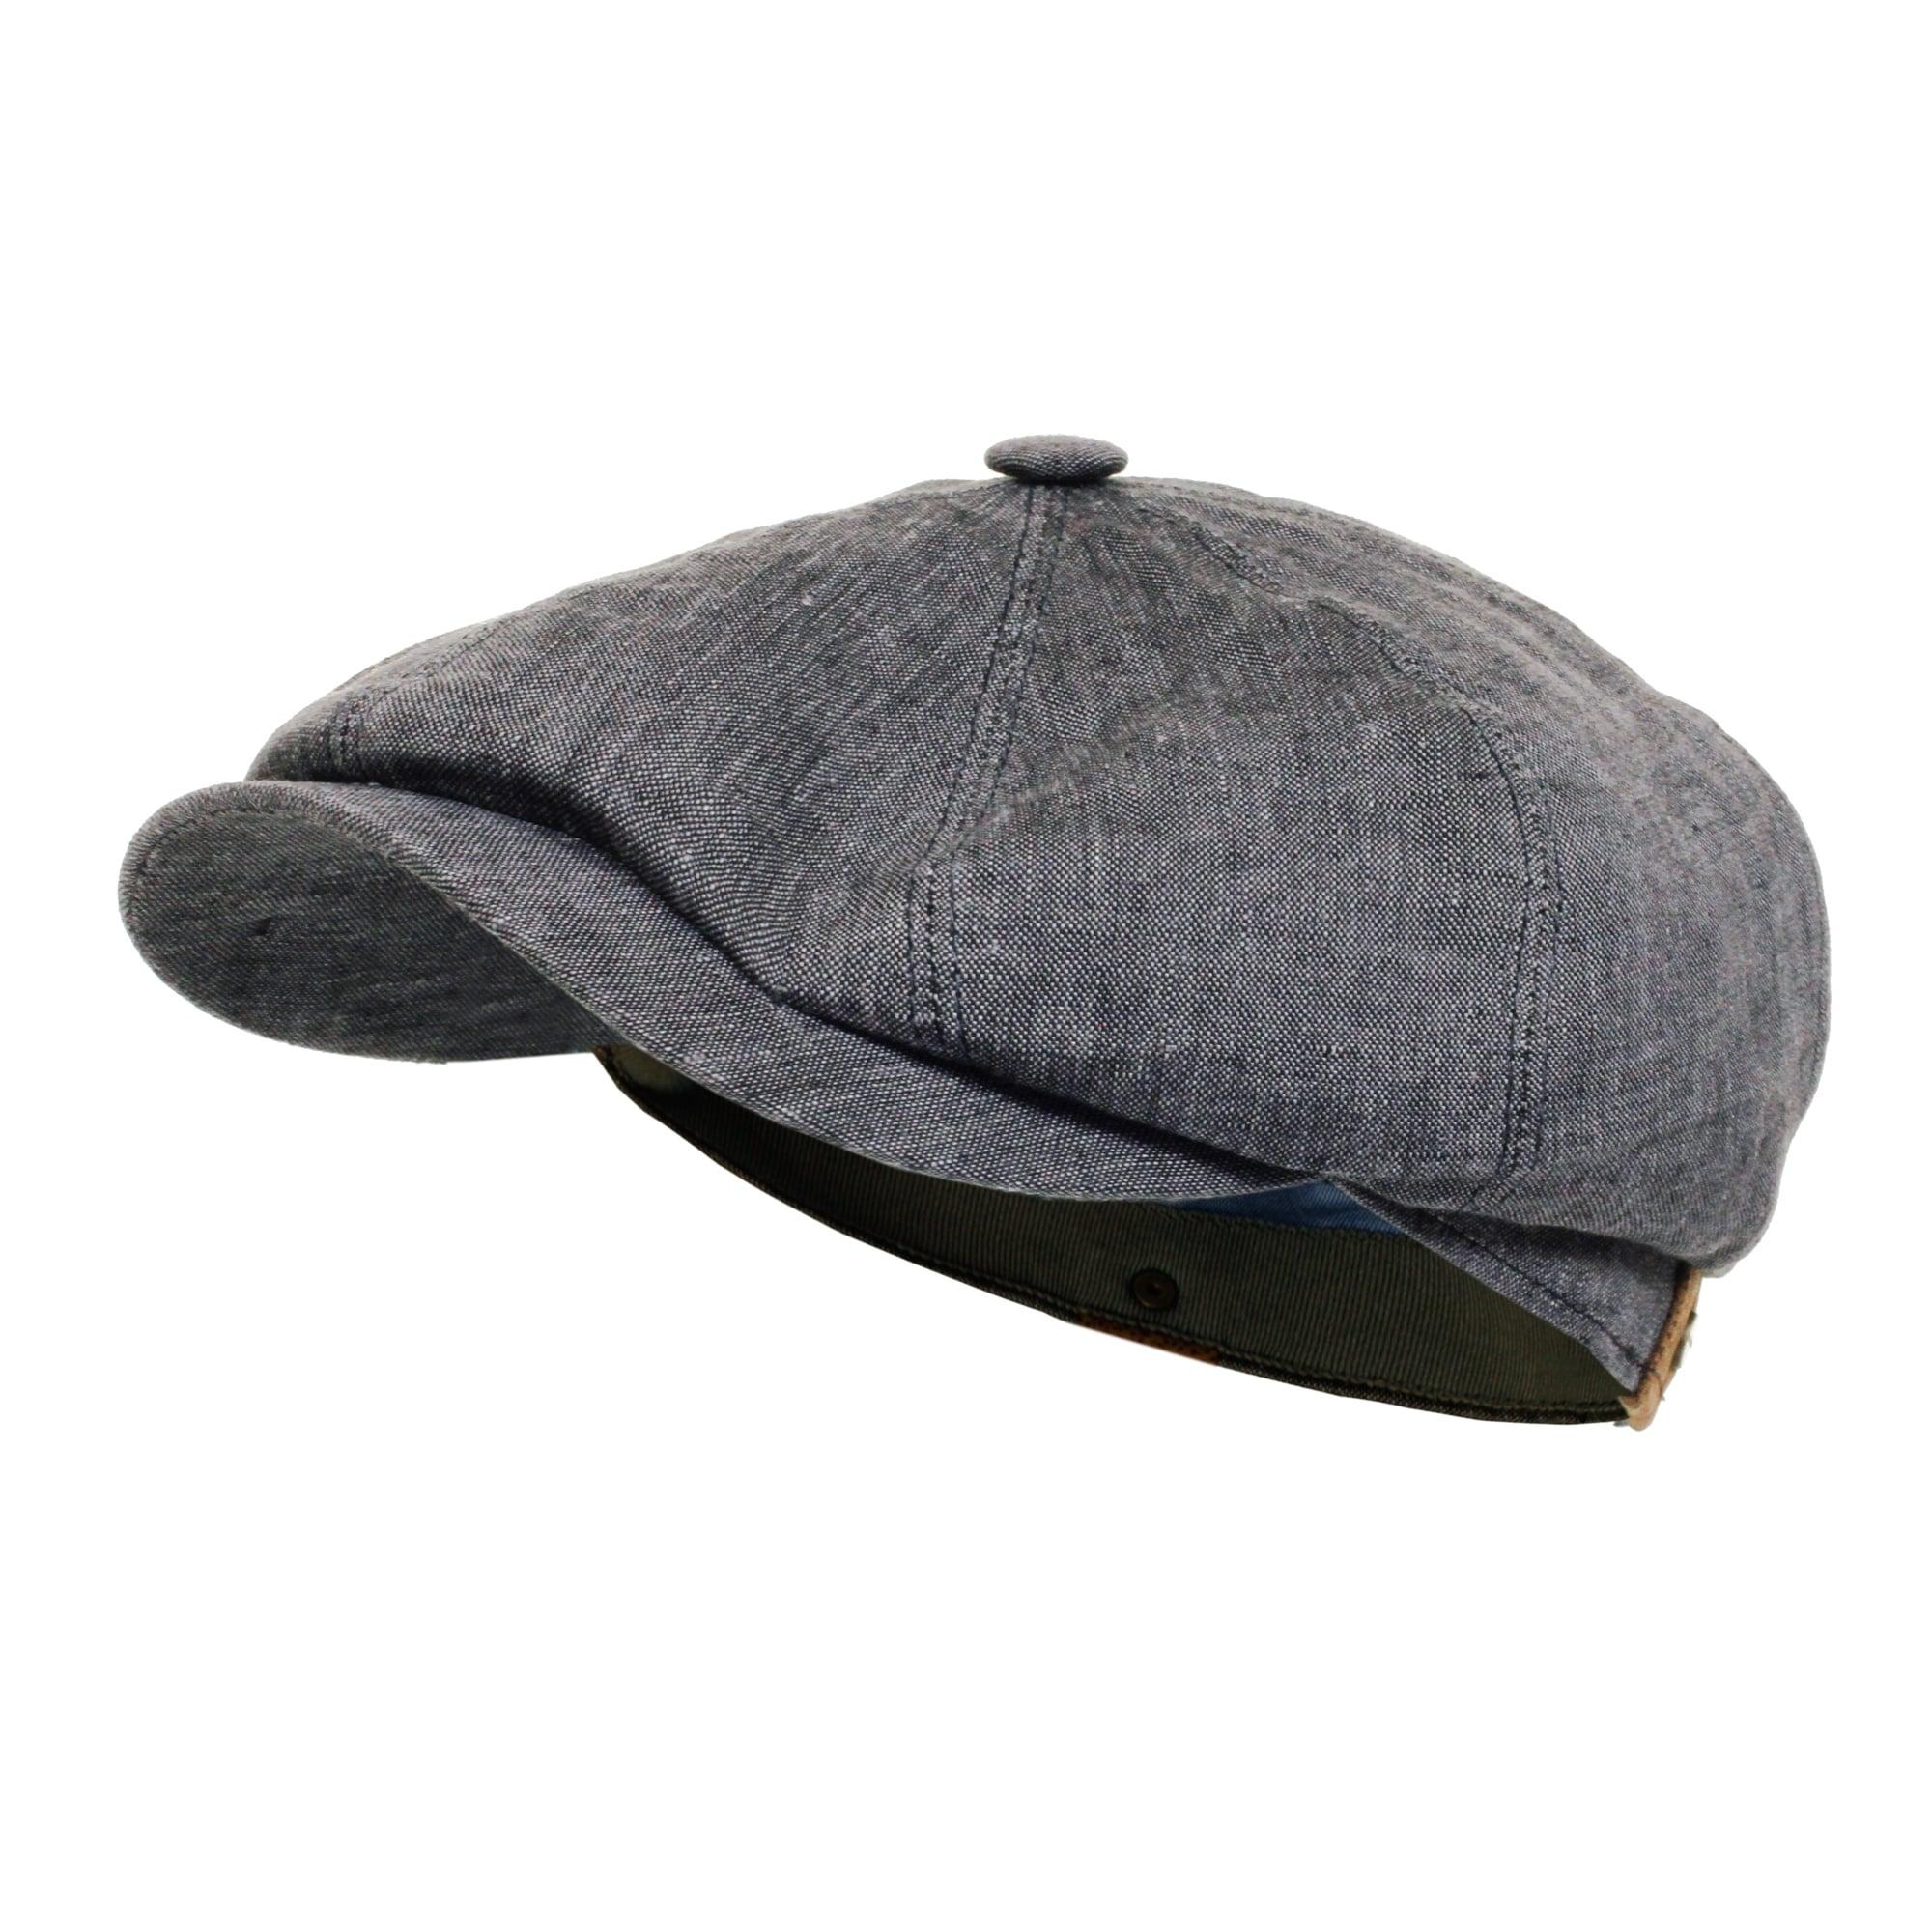 78929216414 Hatteras Linen Newsboy Cap- Navy